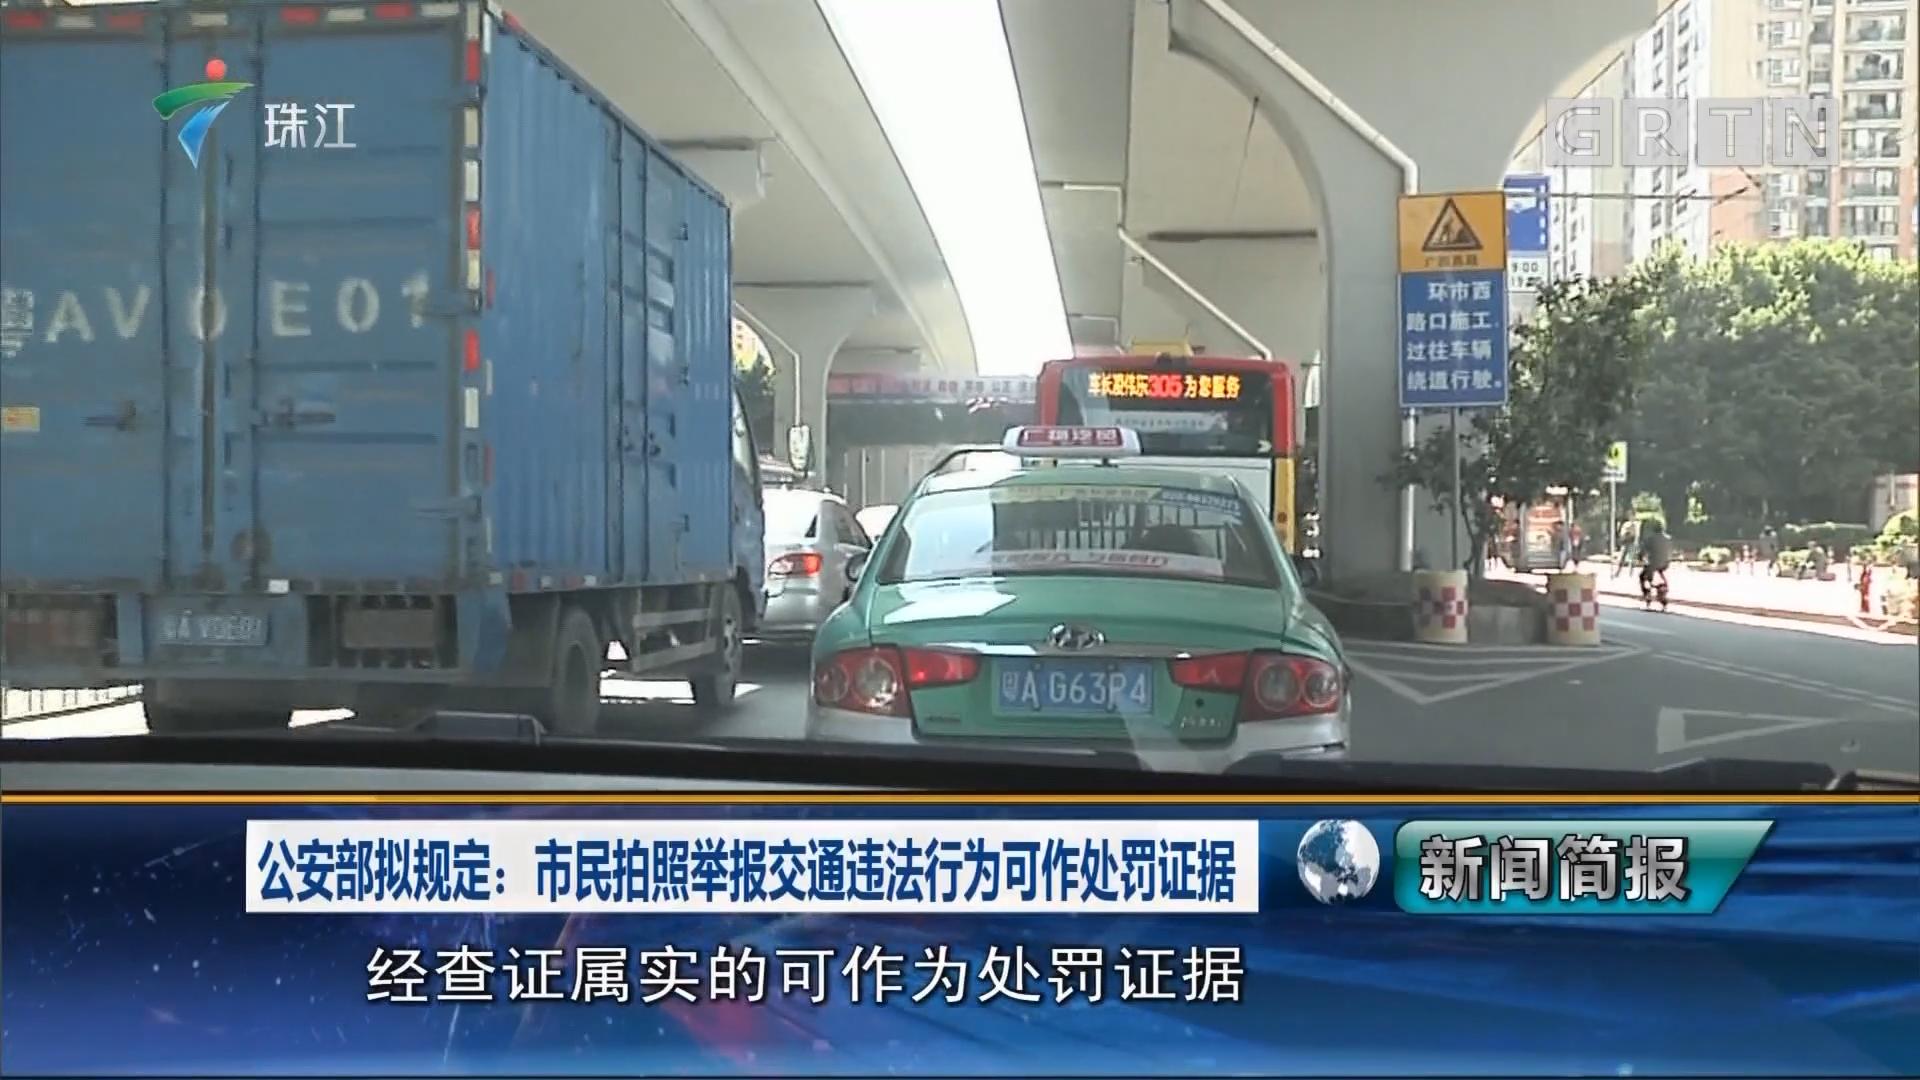 公安部拟规定:市民拍照举报交通违法行为可作处罚证据